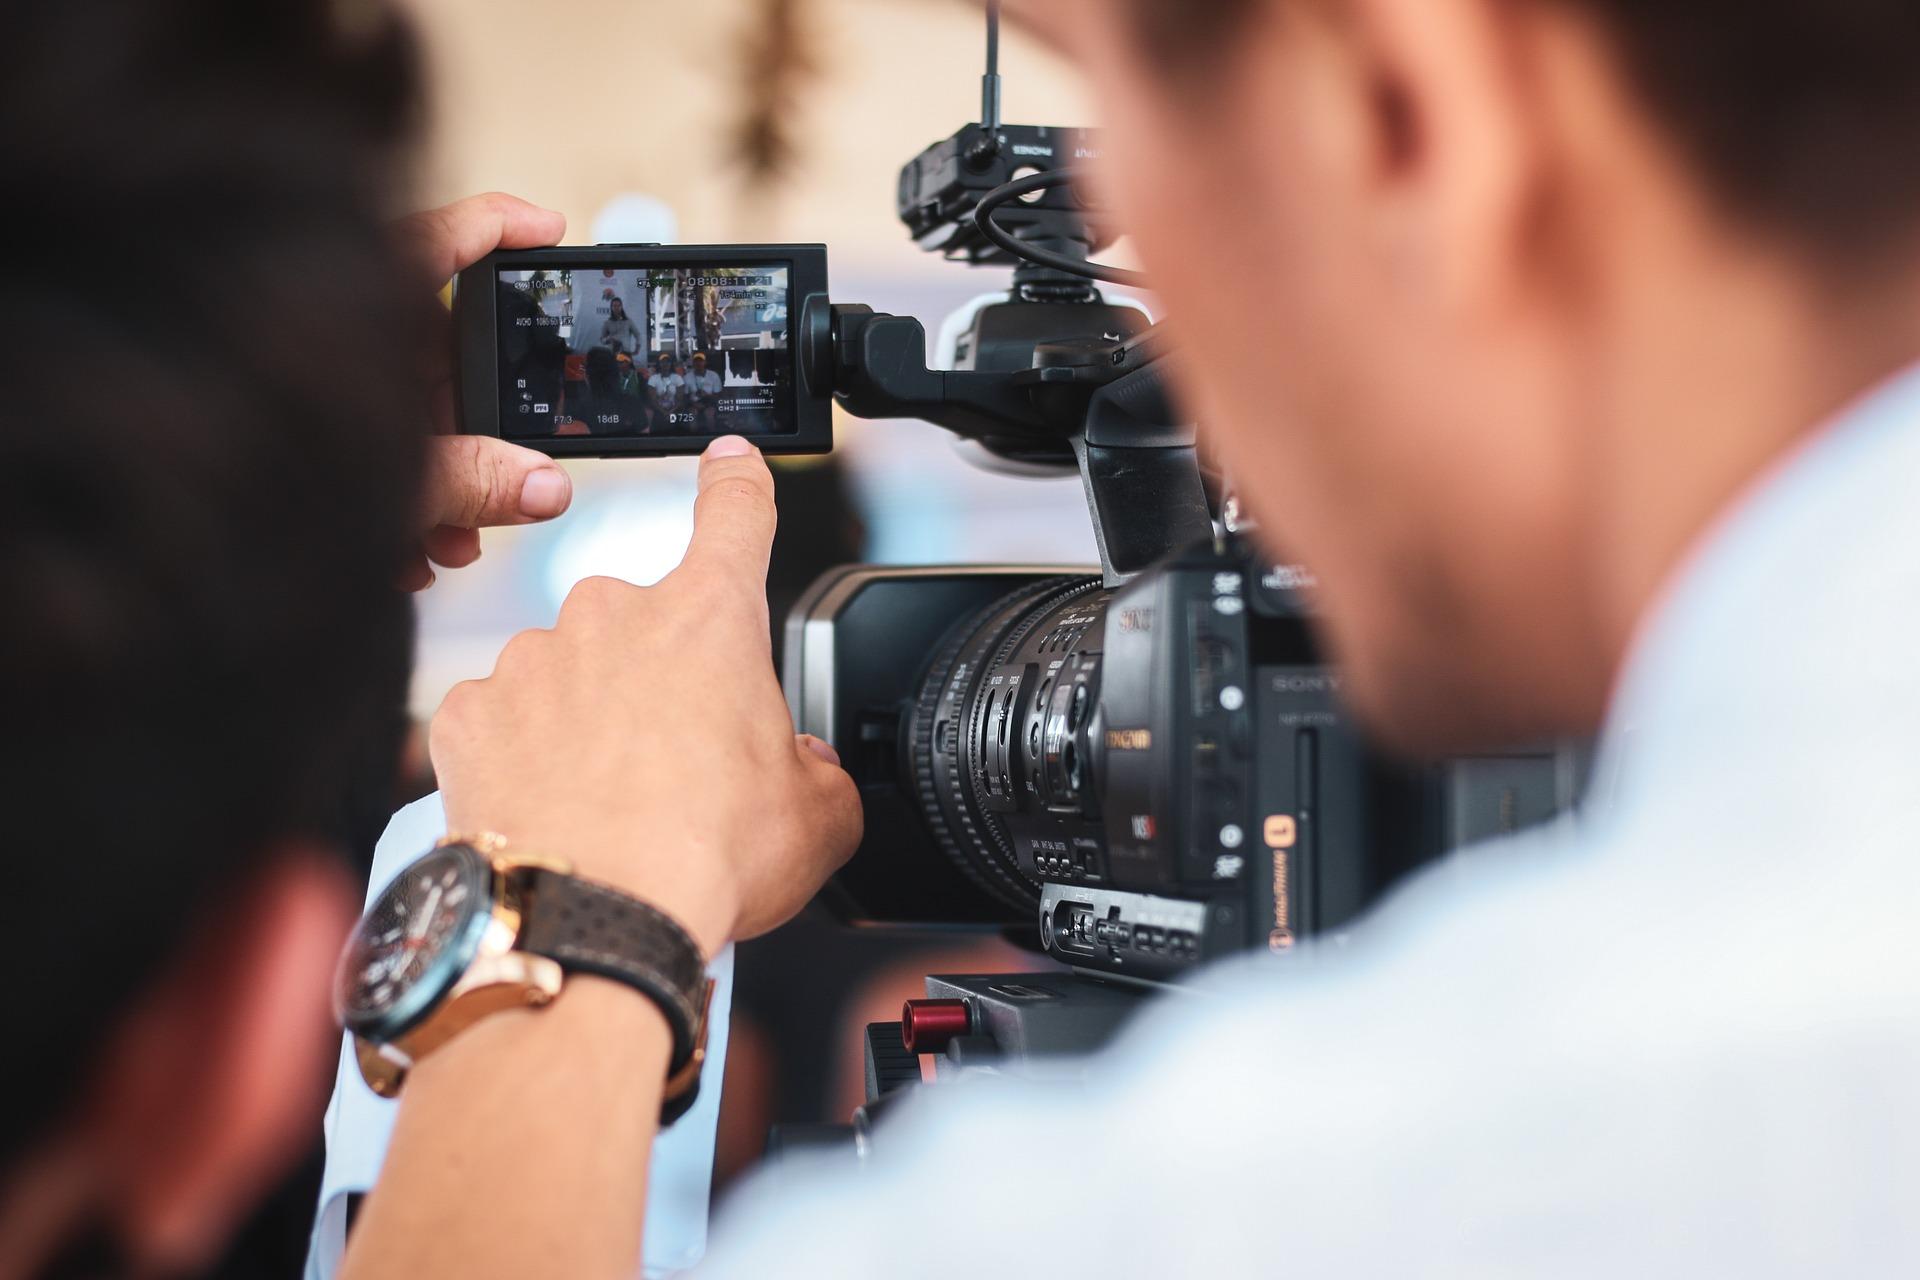 Come scelgo un videomaker?